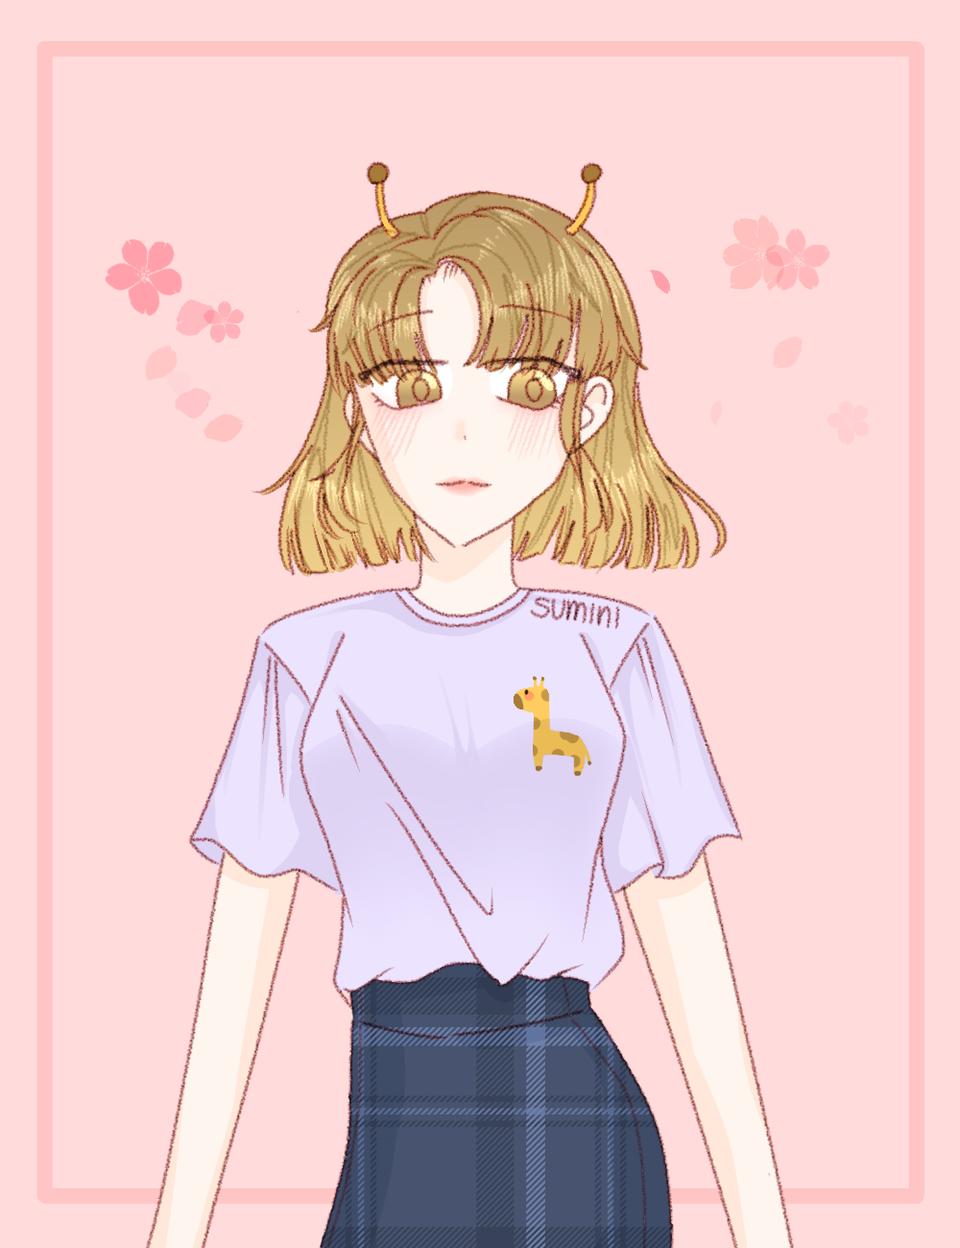 엄지언니 - 기채린 앤캐신청♡♡♡